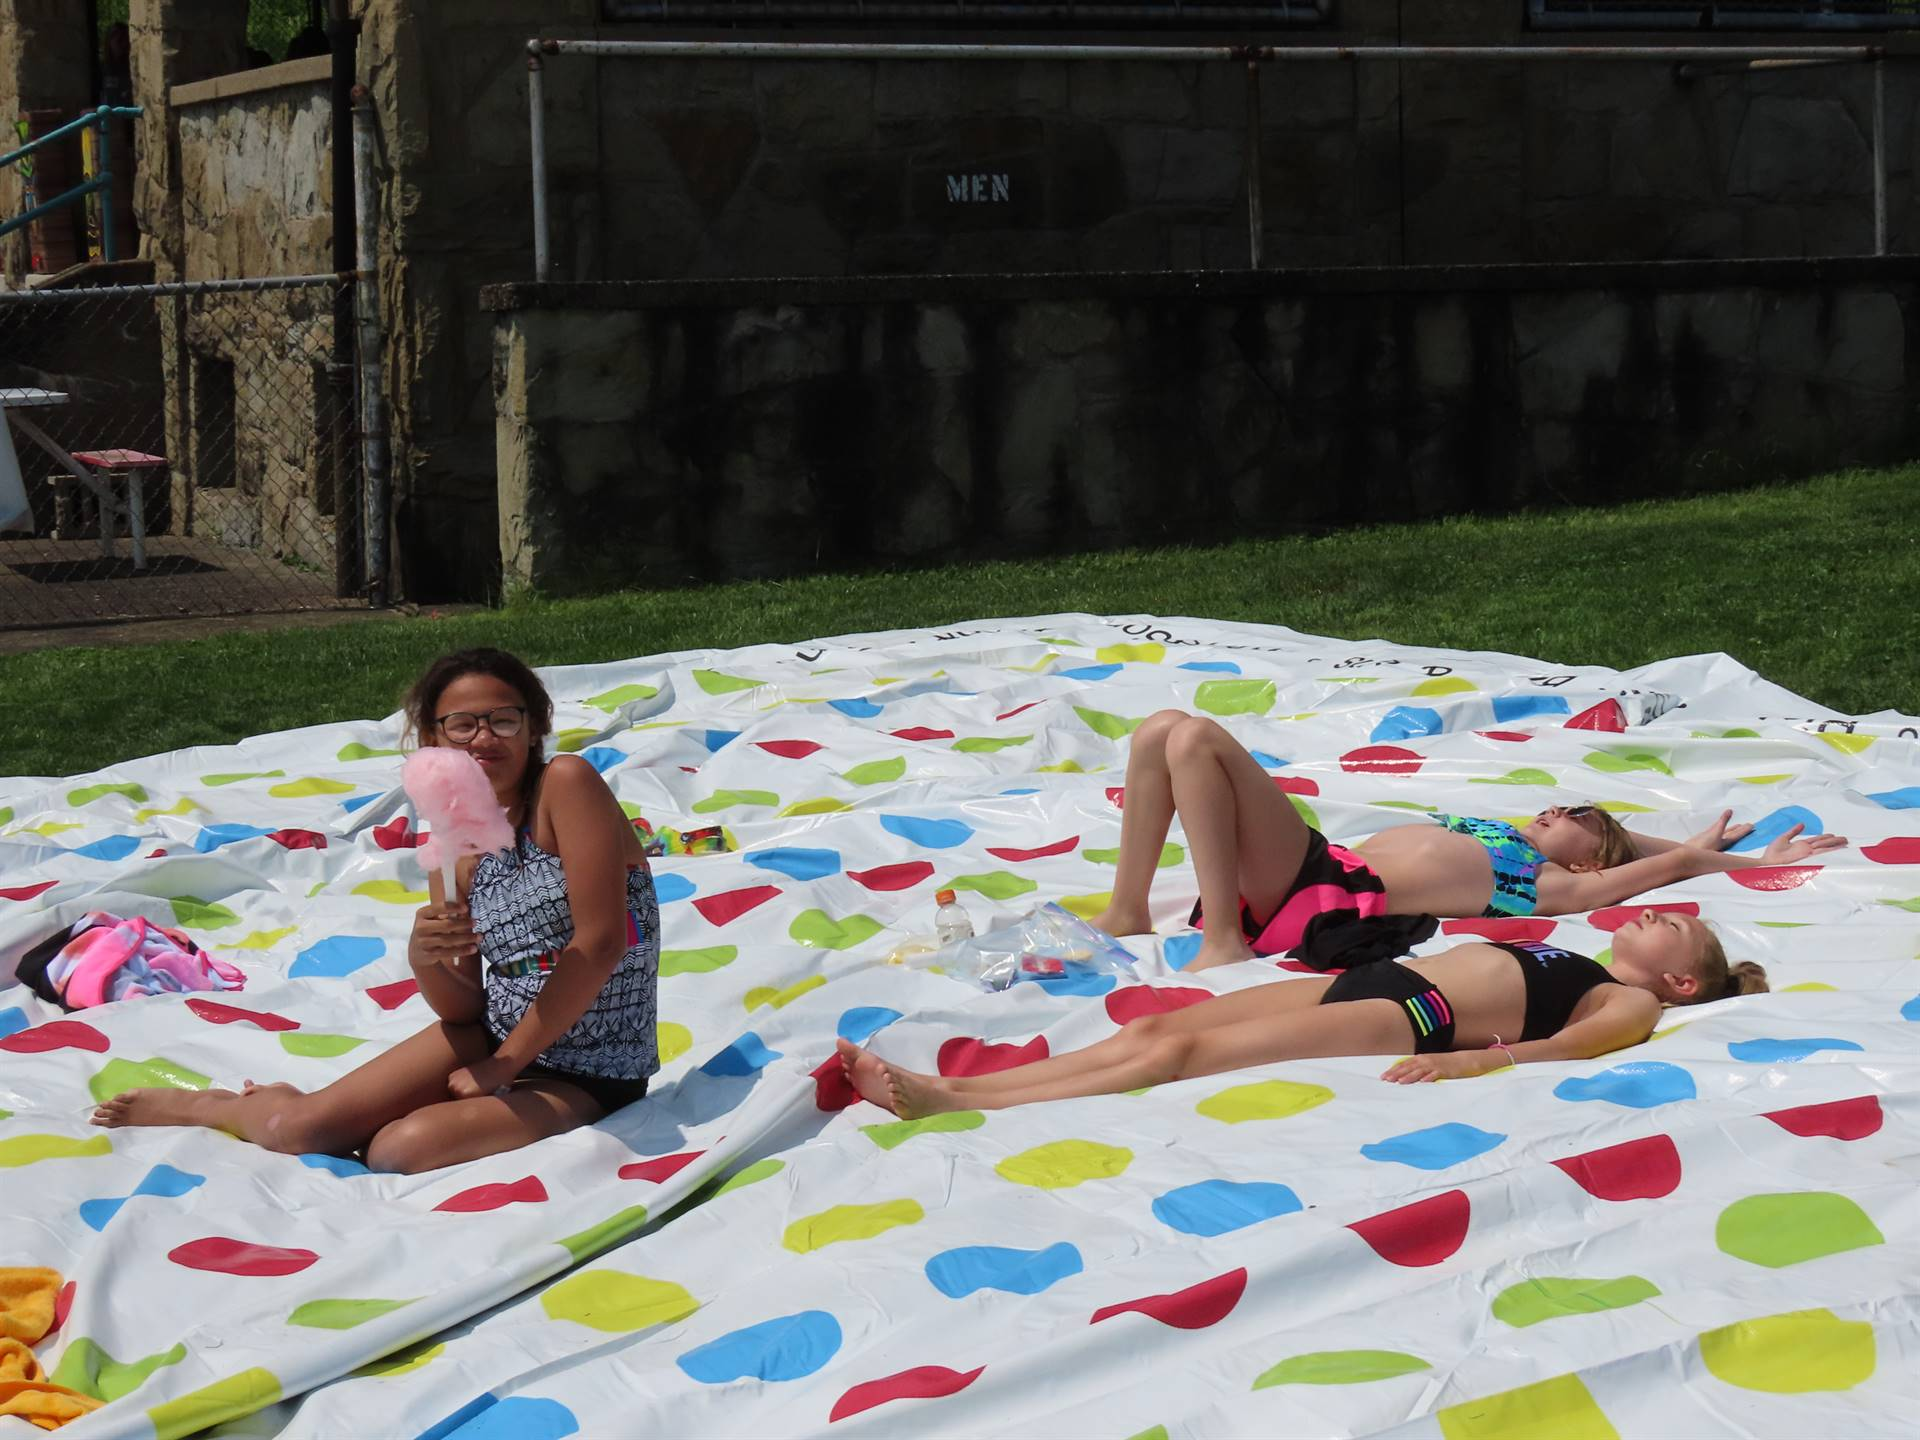 Girls on beach blanket